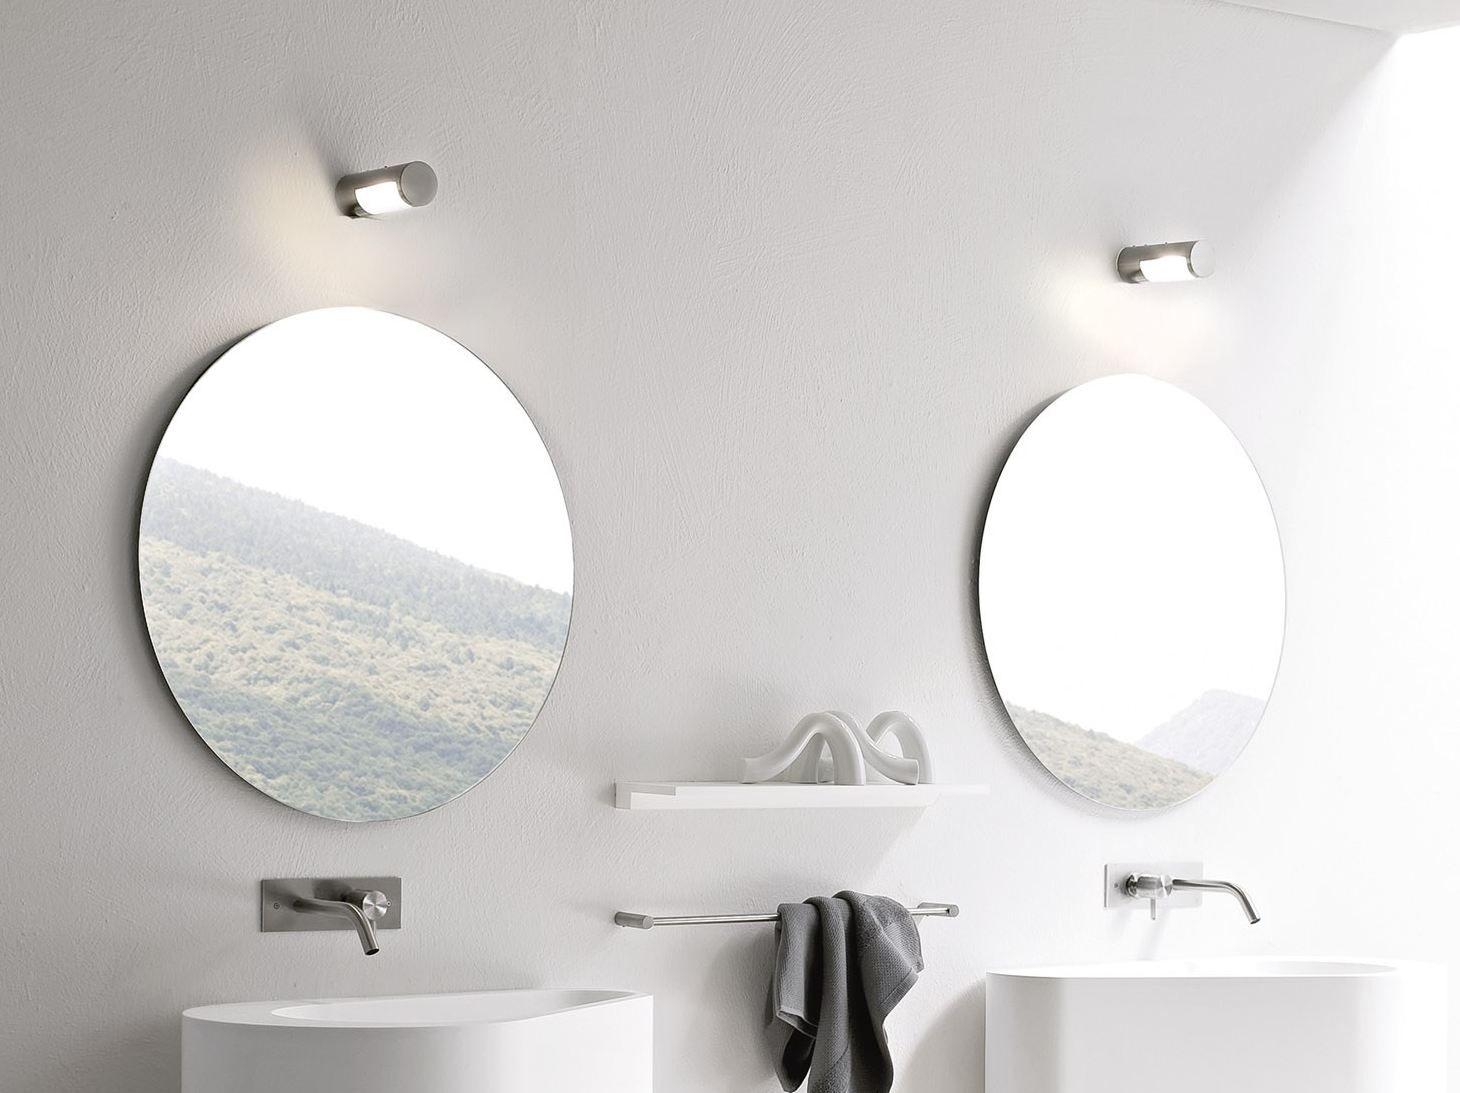 Specchio bagno rotondo Collezione Hole by Rexa Design | design ...